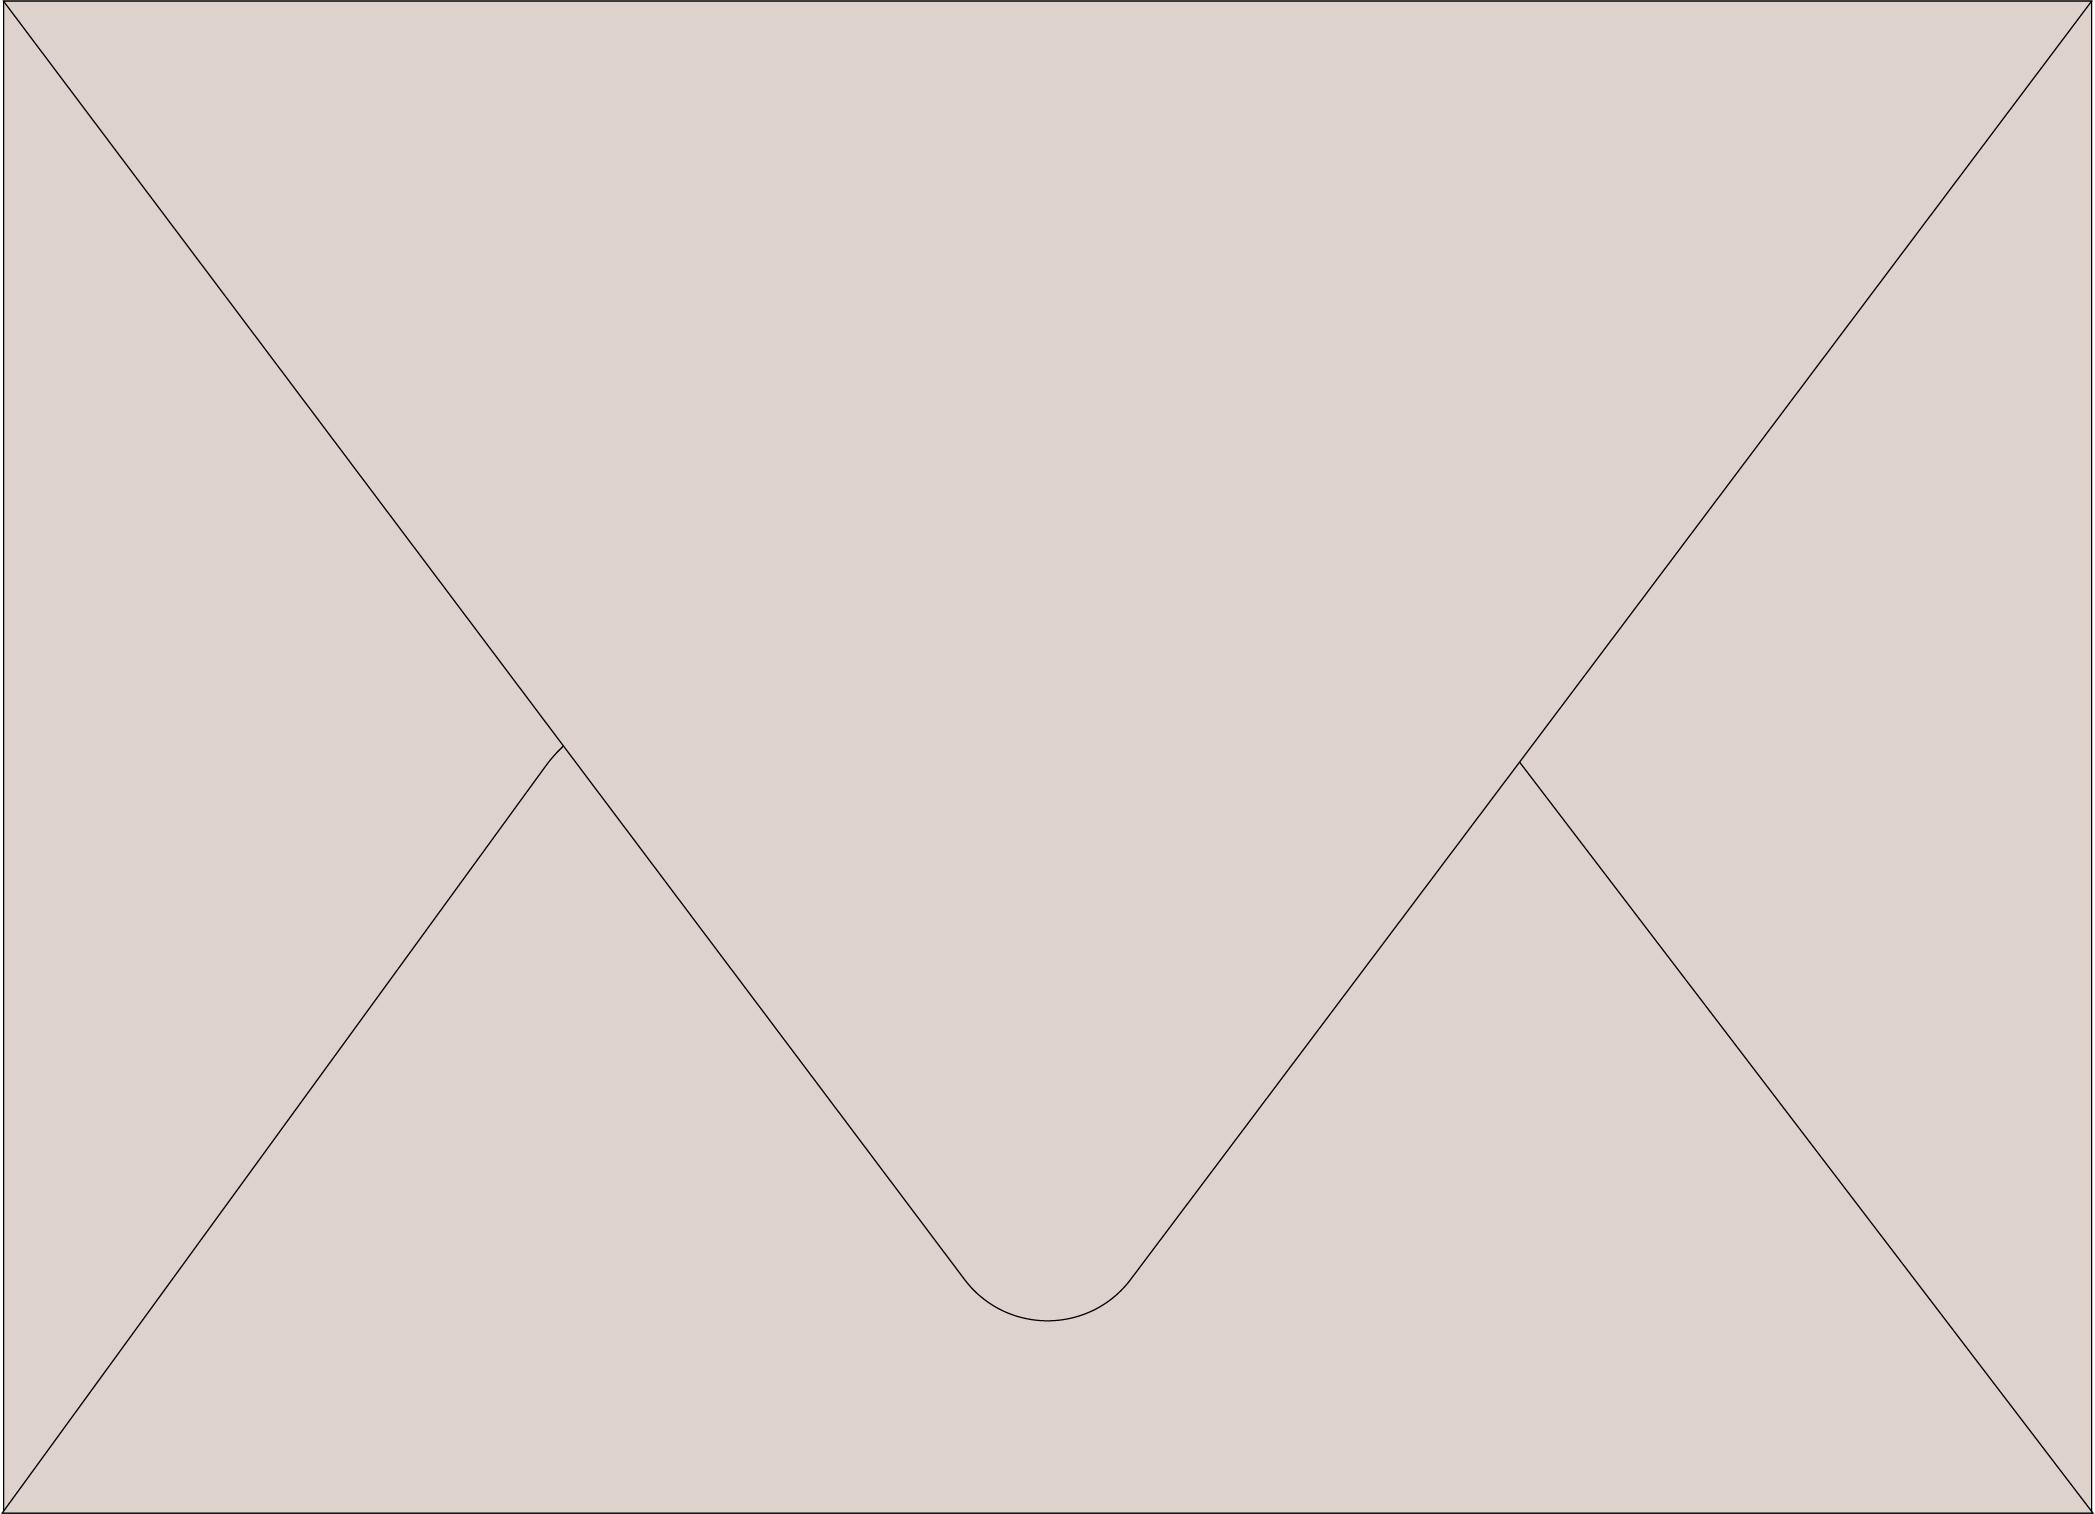 Envelope Color: Mist